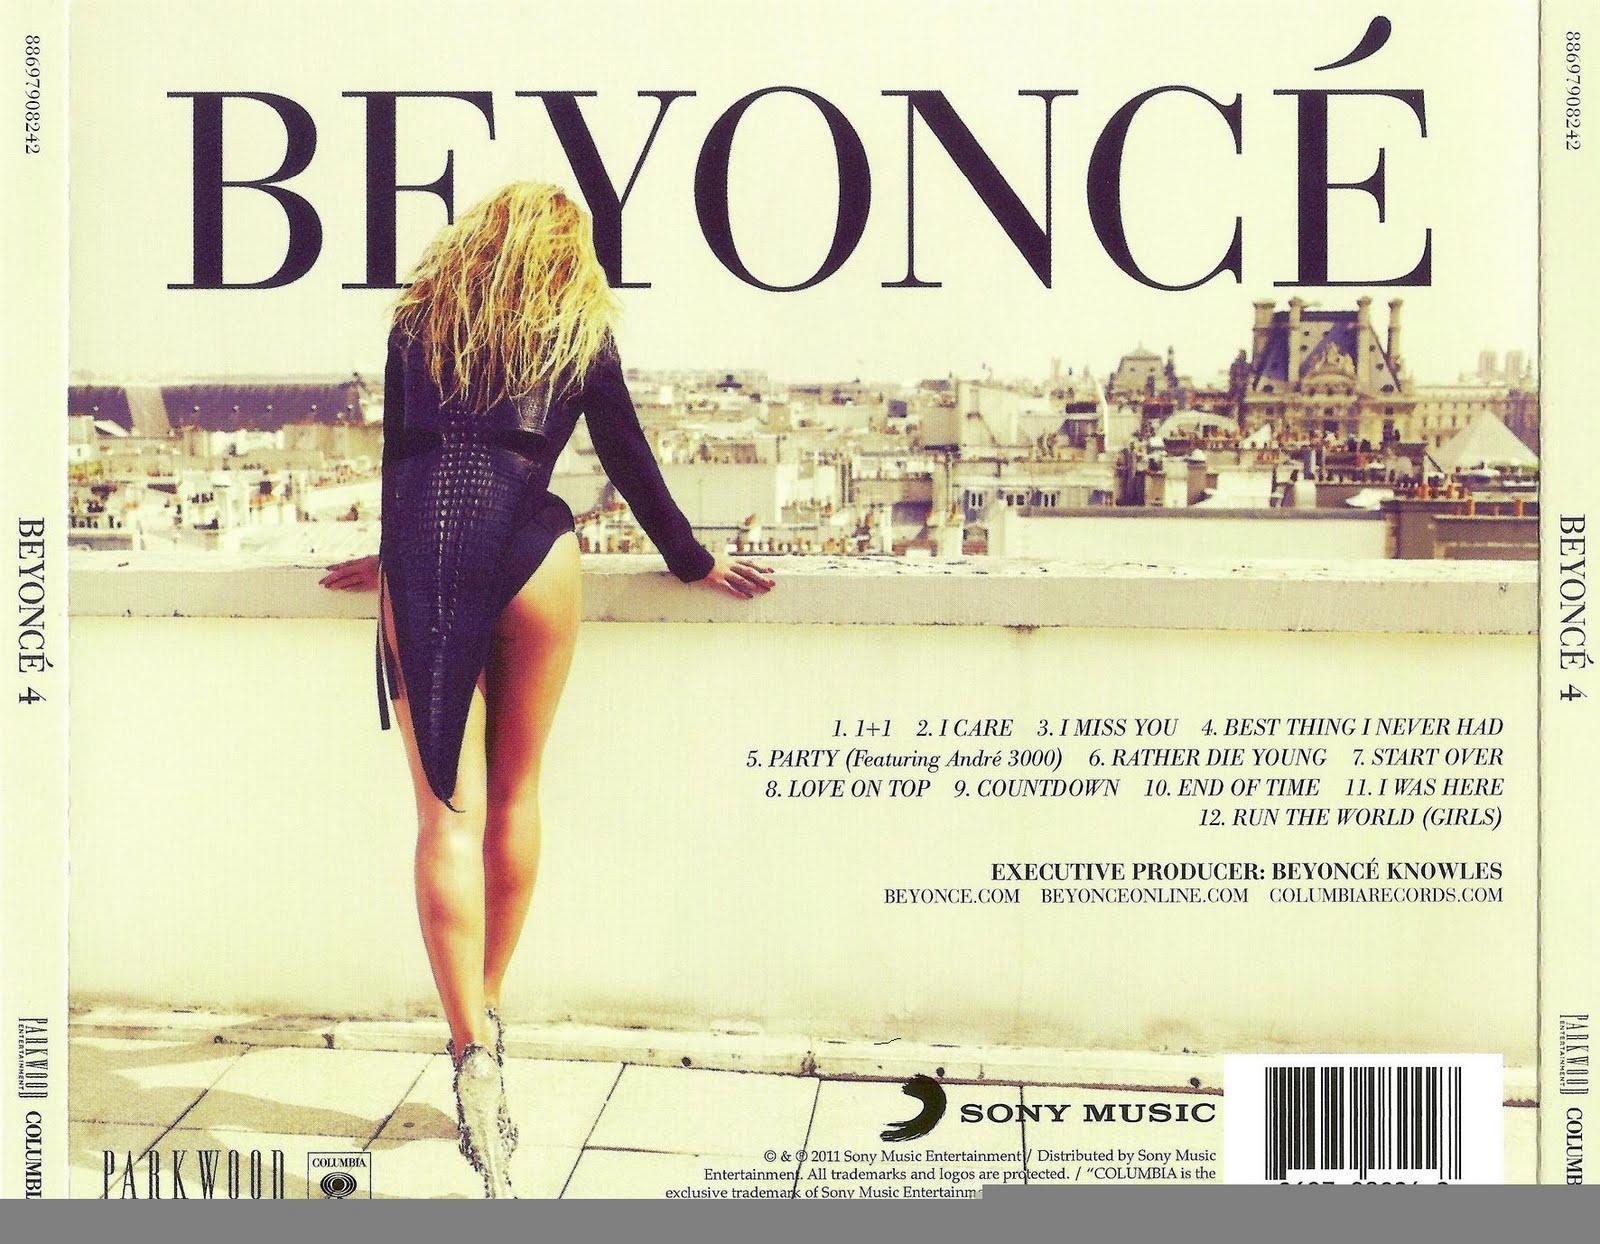 http://3.bp.blogspot.com/-EI0kR8r9Brw/Tm55_Hm2HbI/AAAAAAAAETI/a5_772KYd0E/s1600/Beyonce%2B-%2B4%2B-%2BBack.jpg